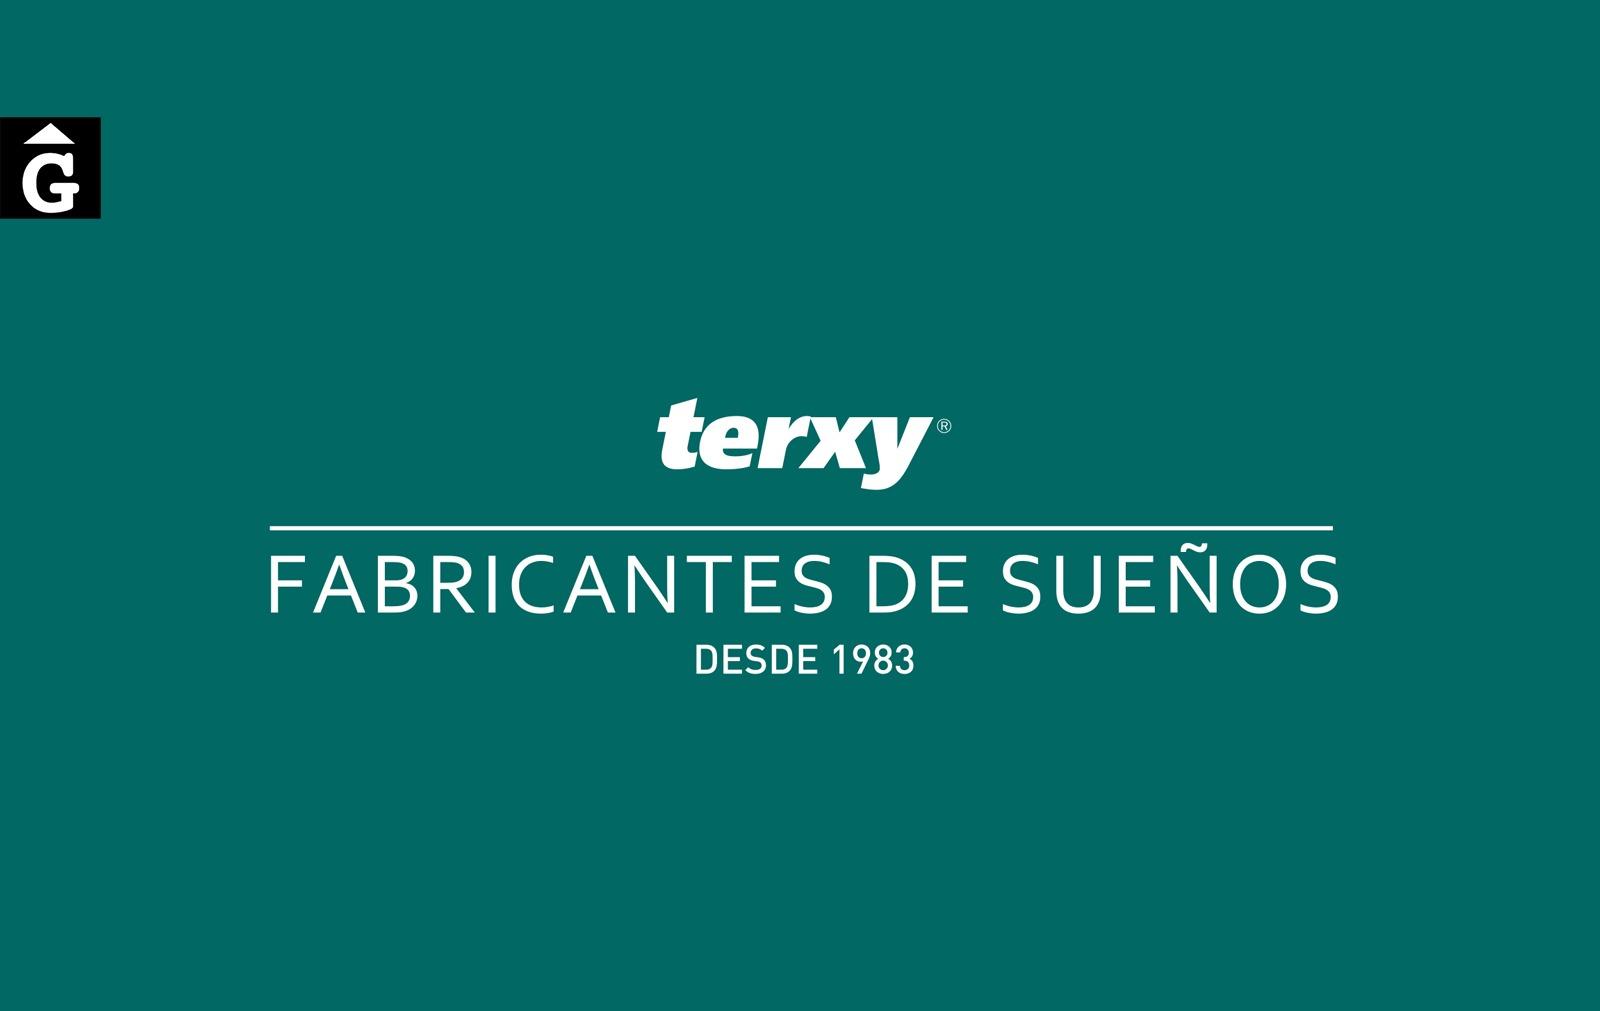 Distribuidor oficial terxy-by-mobles-gifreu-girona-fabricants-de-somnis-matalas-matalassos-somier-somiers-coixi-coixins-de-qualitat-realitazats-amb-els-cinc-sentits